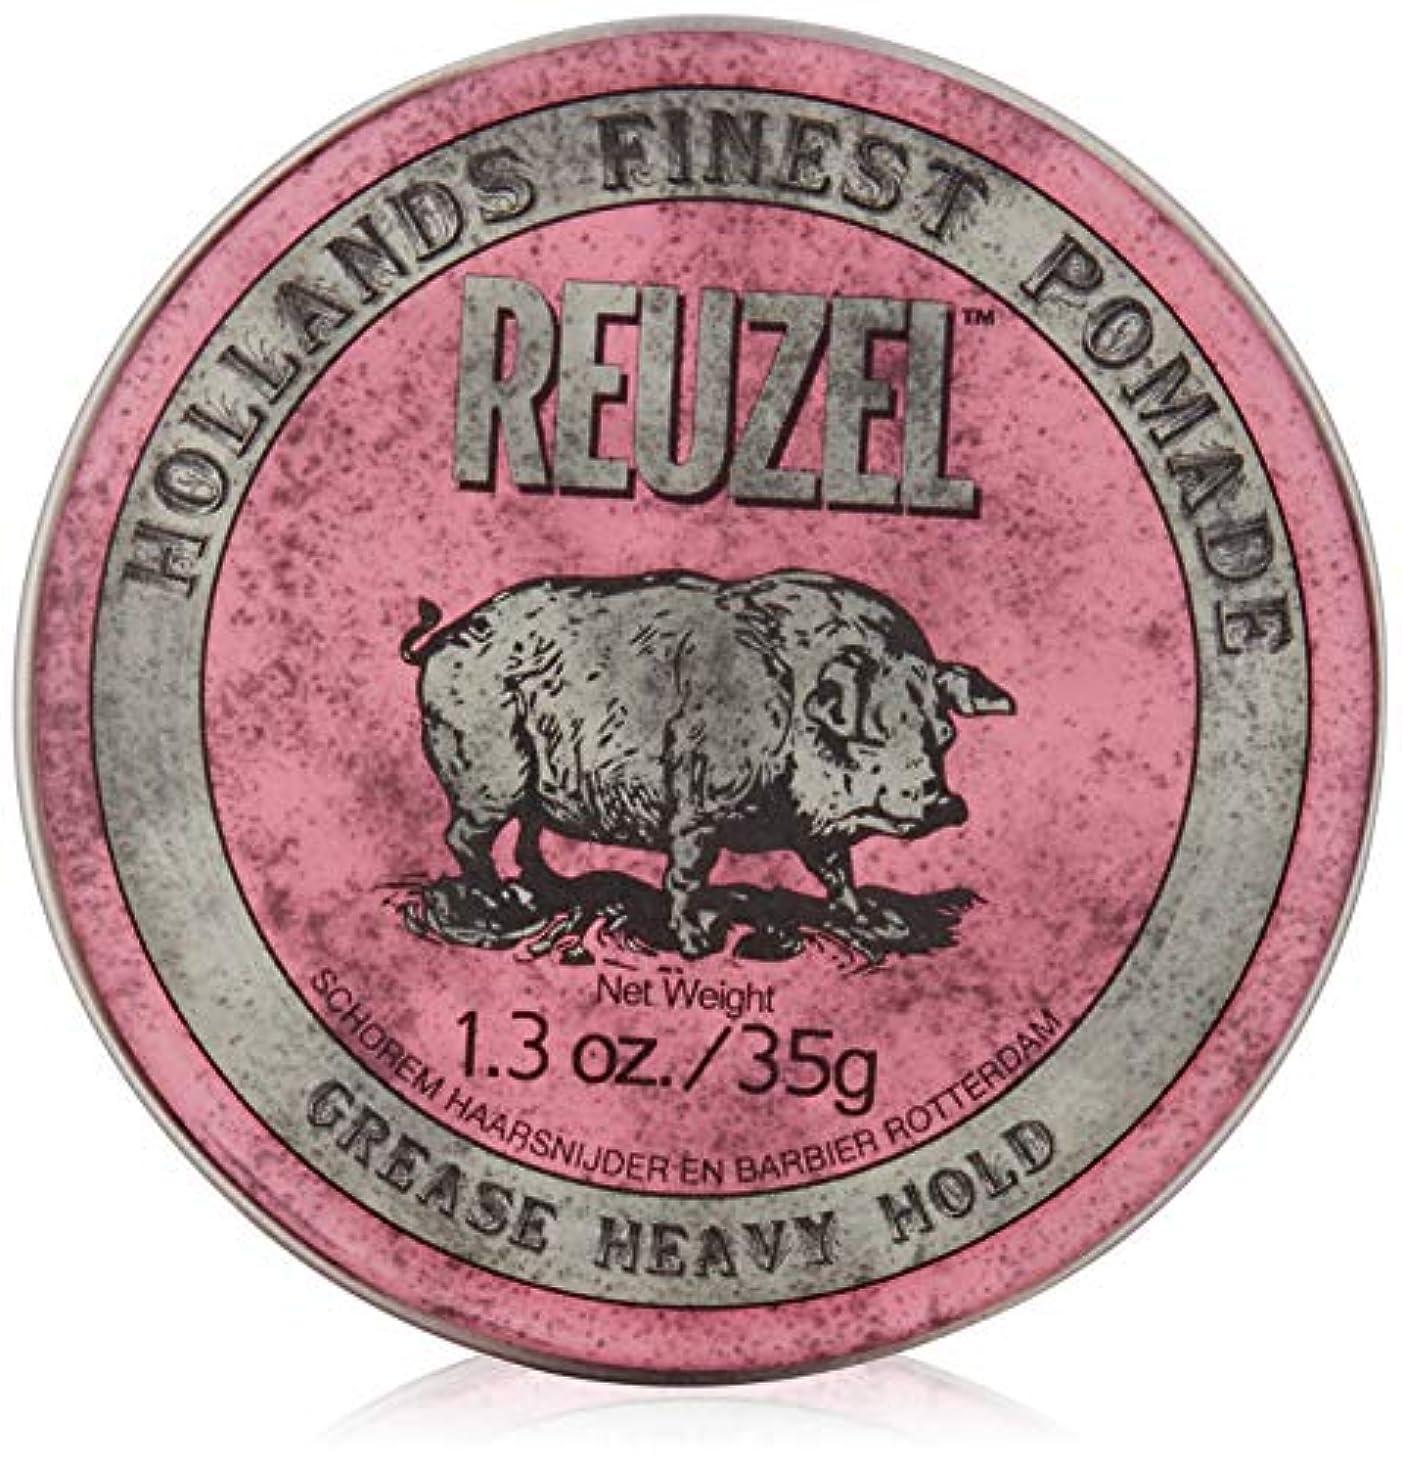 エスカレーター変化見習いREUZEL INC Reuzelミディアムシーンポマード、1.3オンス 0.2 ピンク